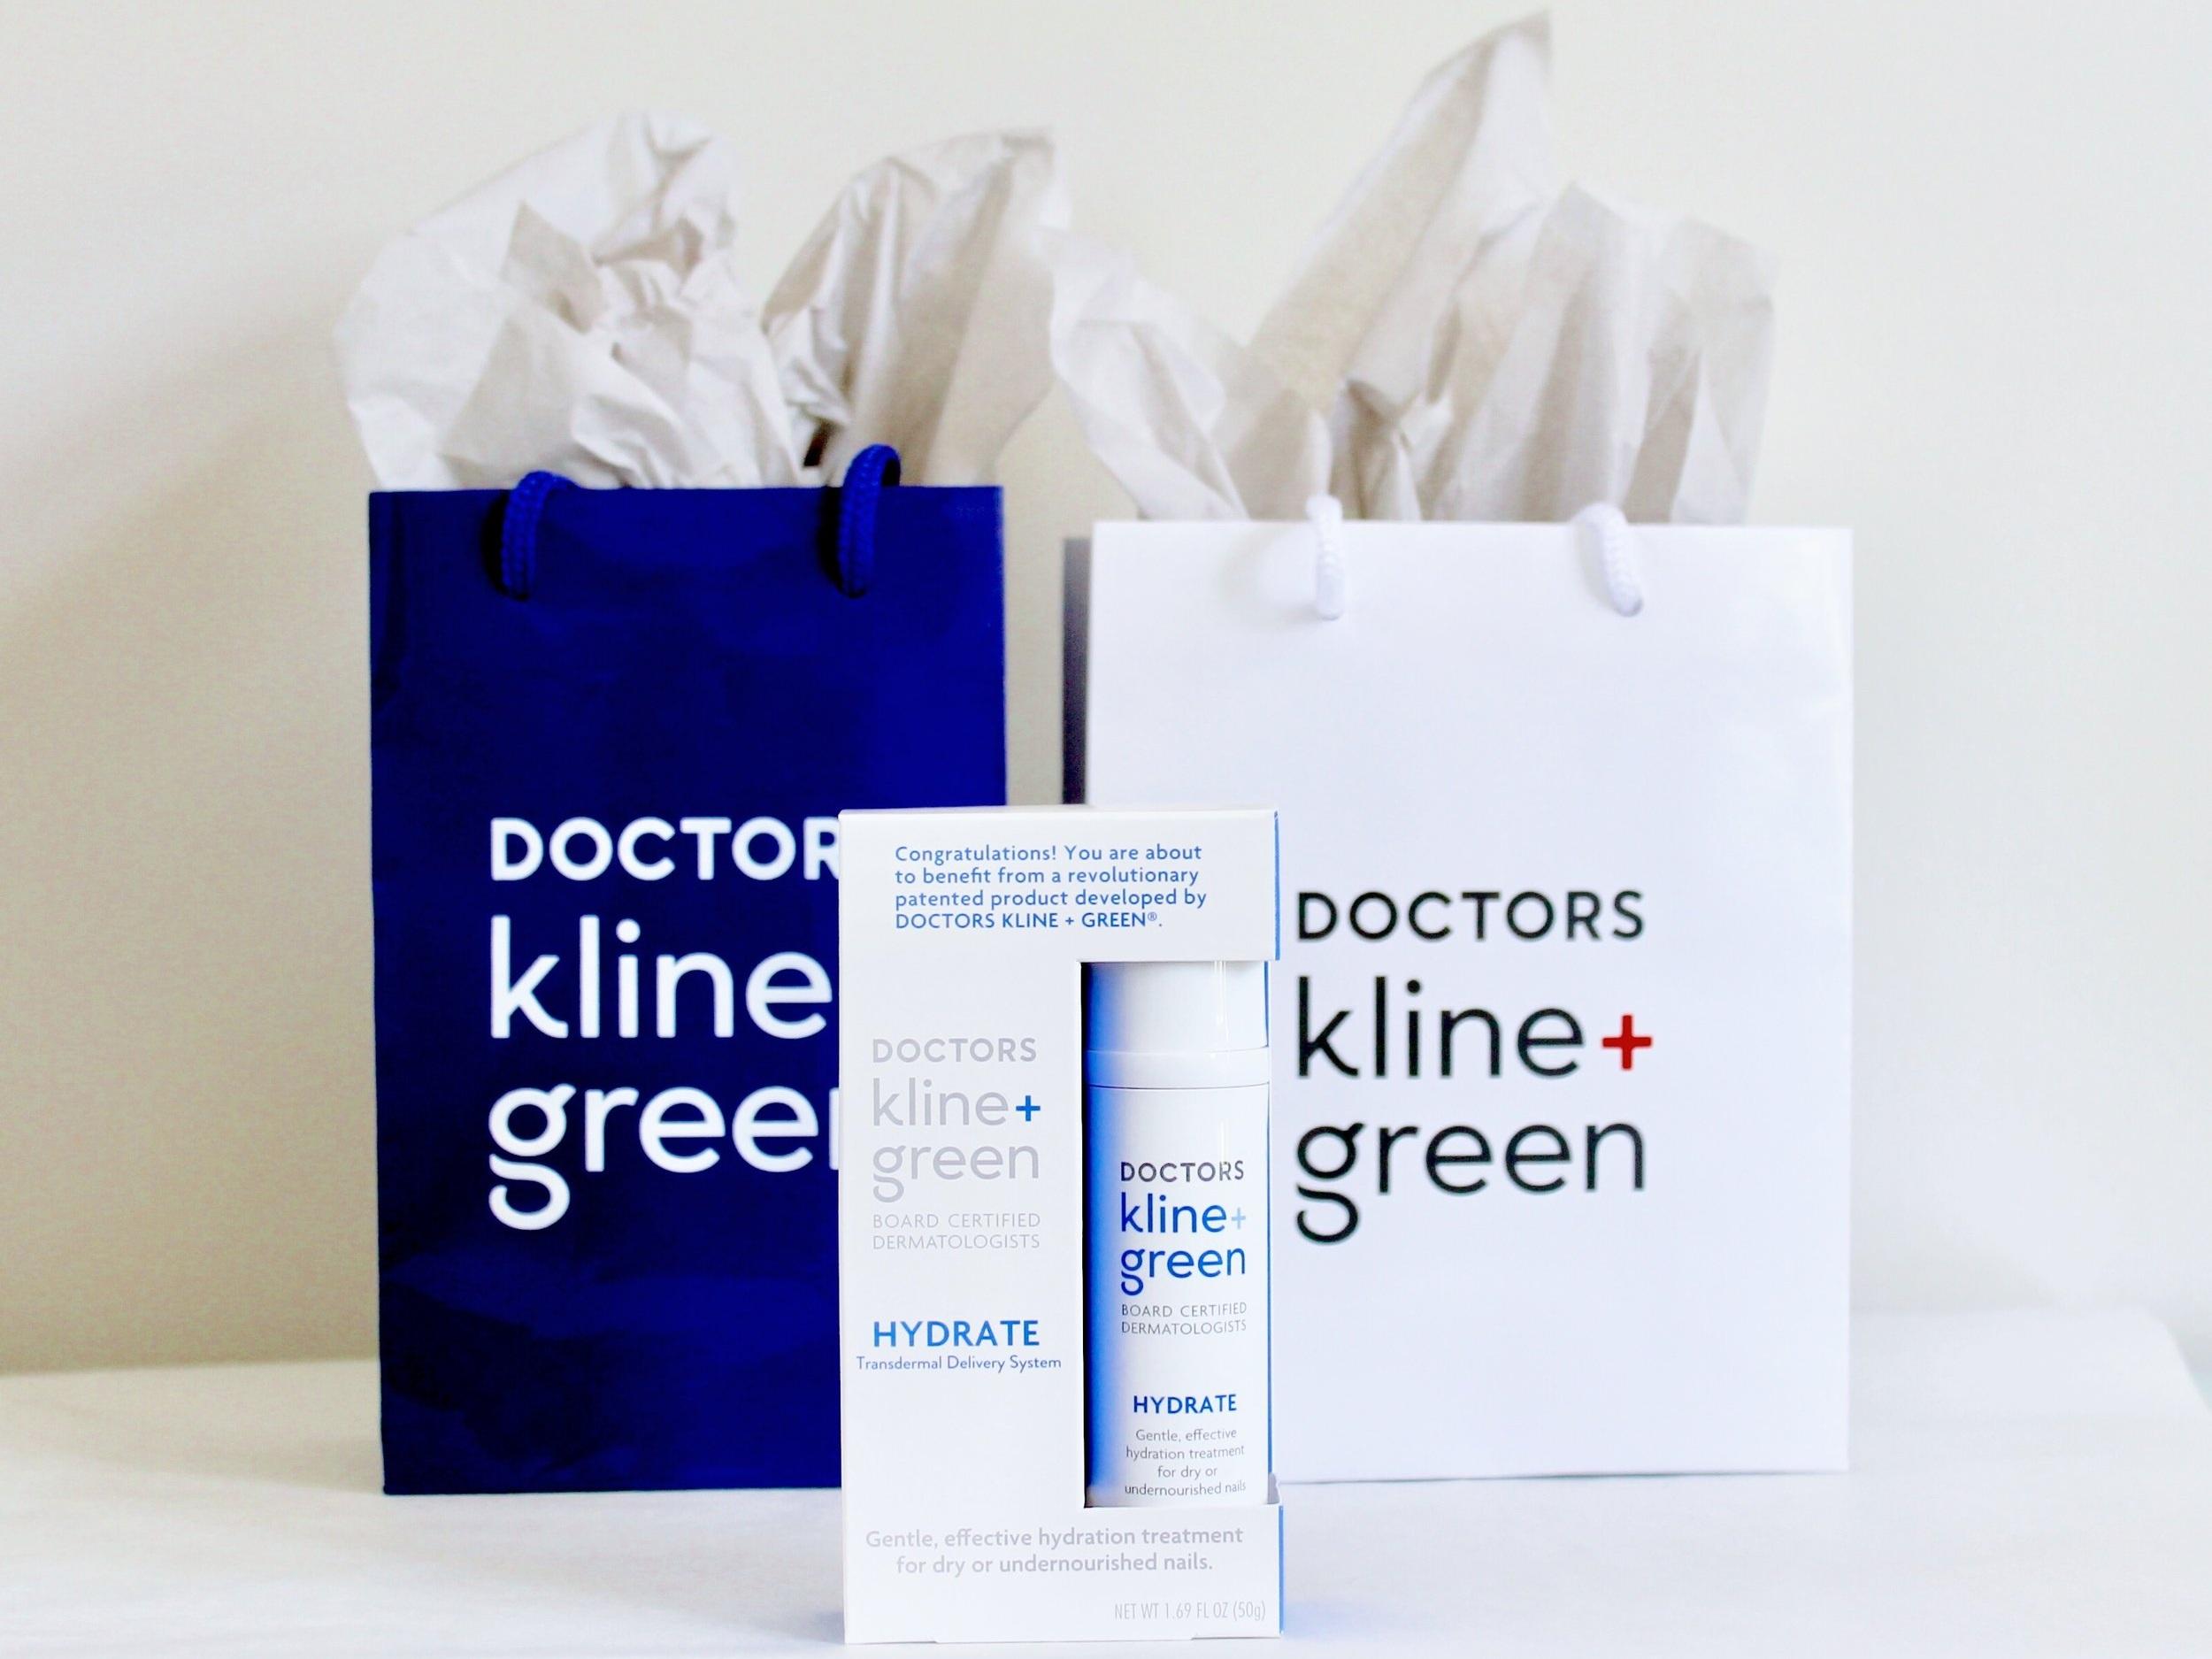 doctors+kline%2Bgreen+05.jpg